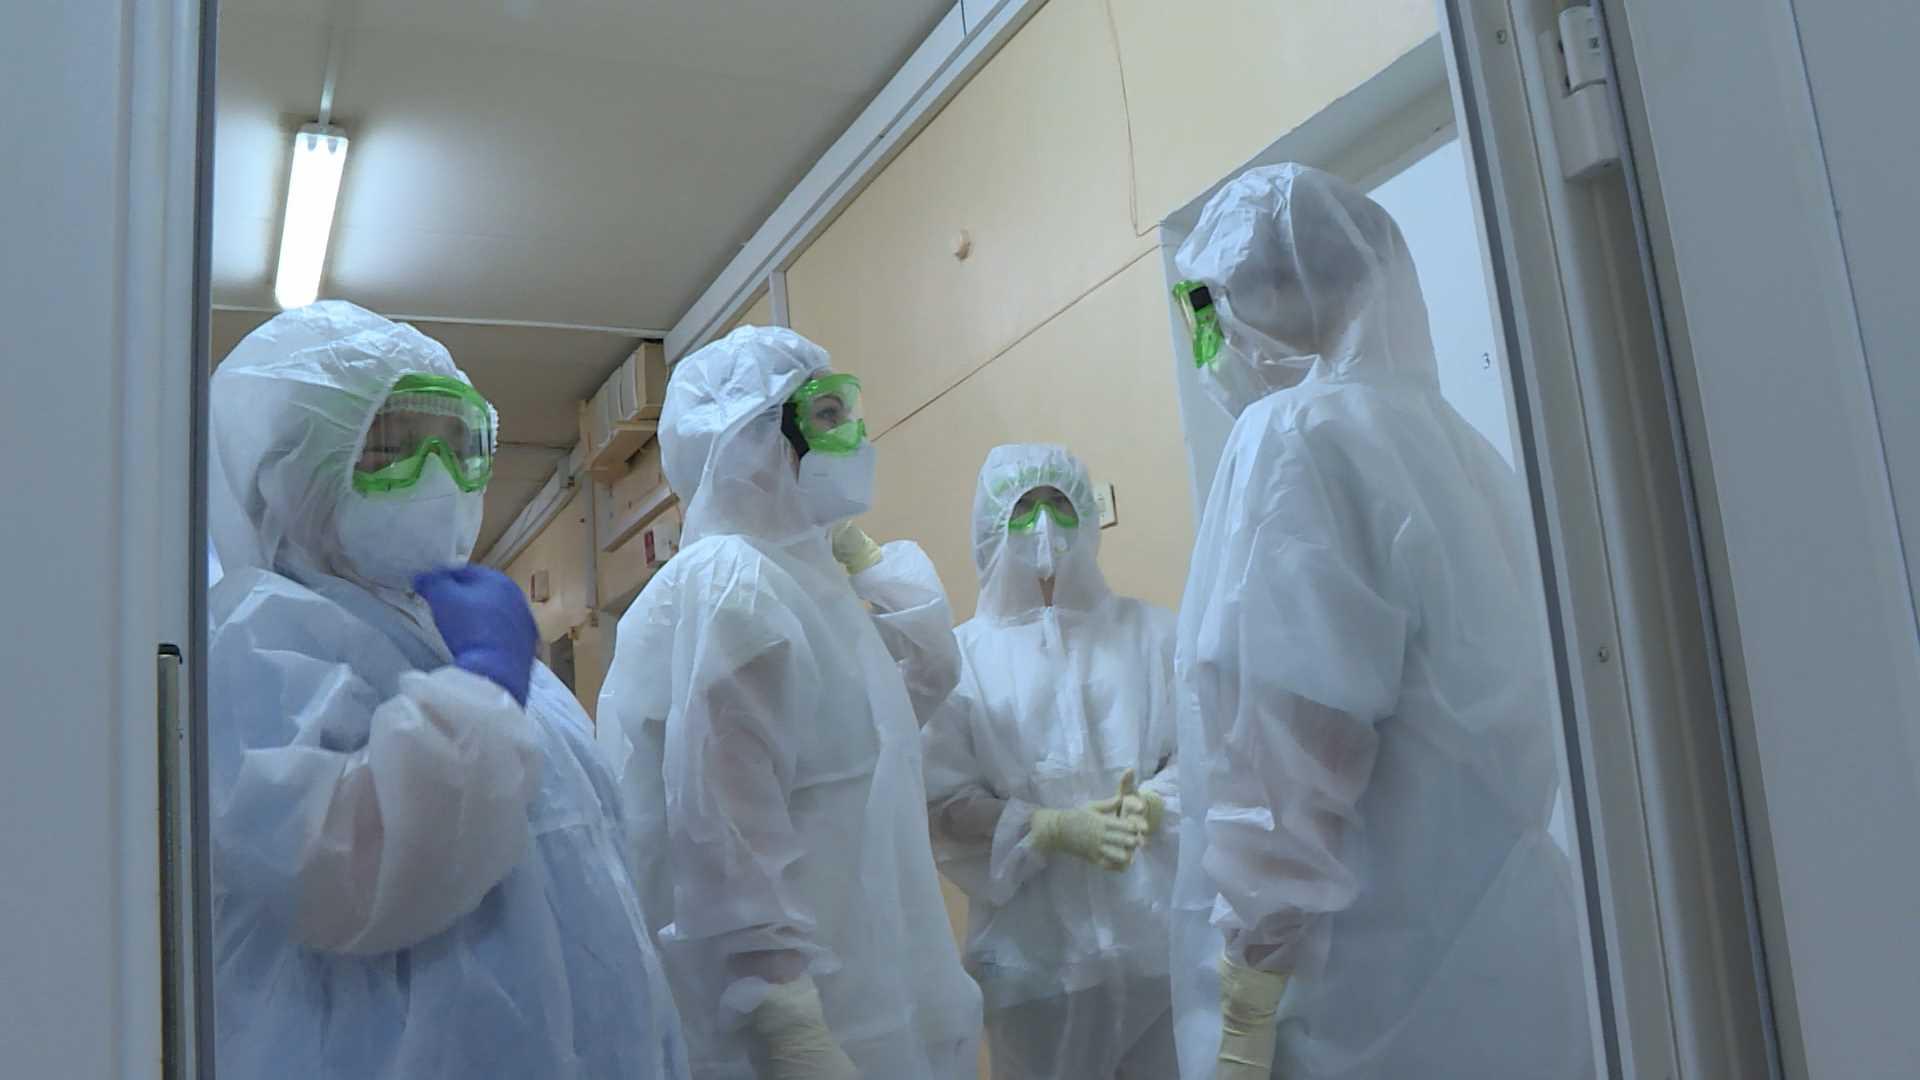 Седьмая бригада медиков в Костроме начала брать тесты на коронавирус